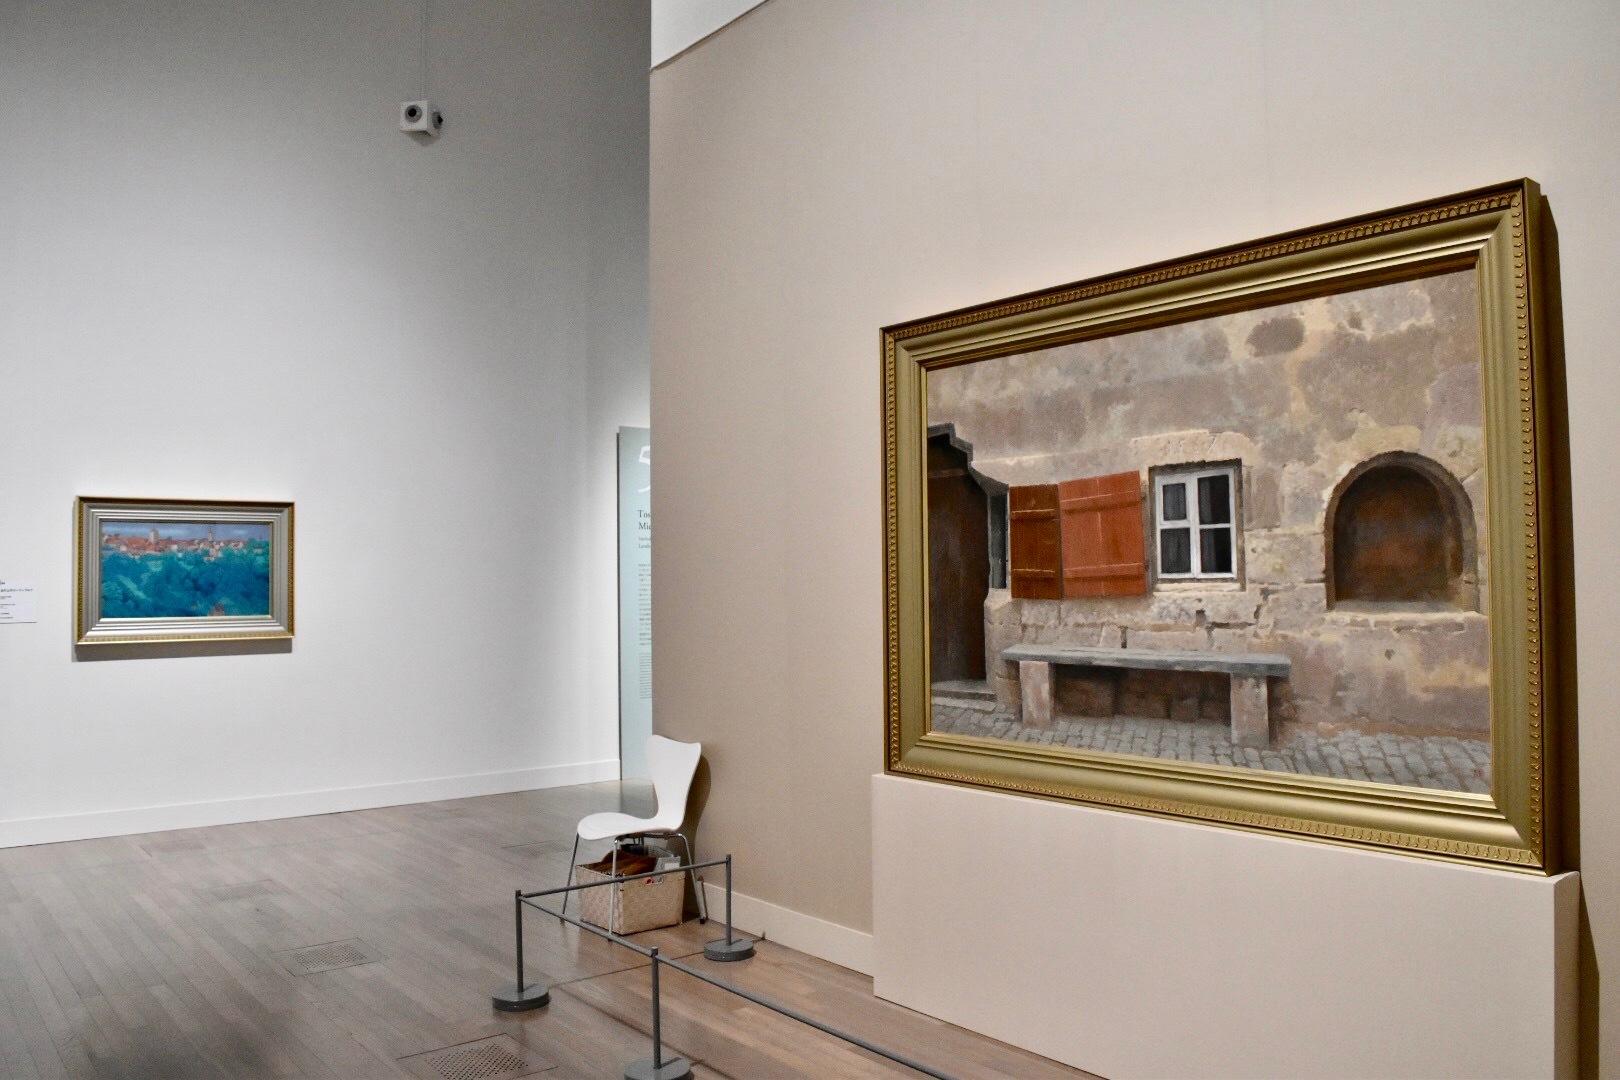 《窓》 昭和46年 長野県信濃美術館 東山魁夷館蔵